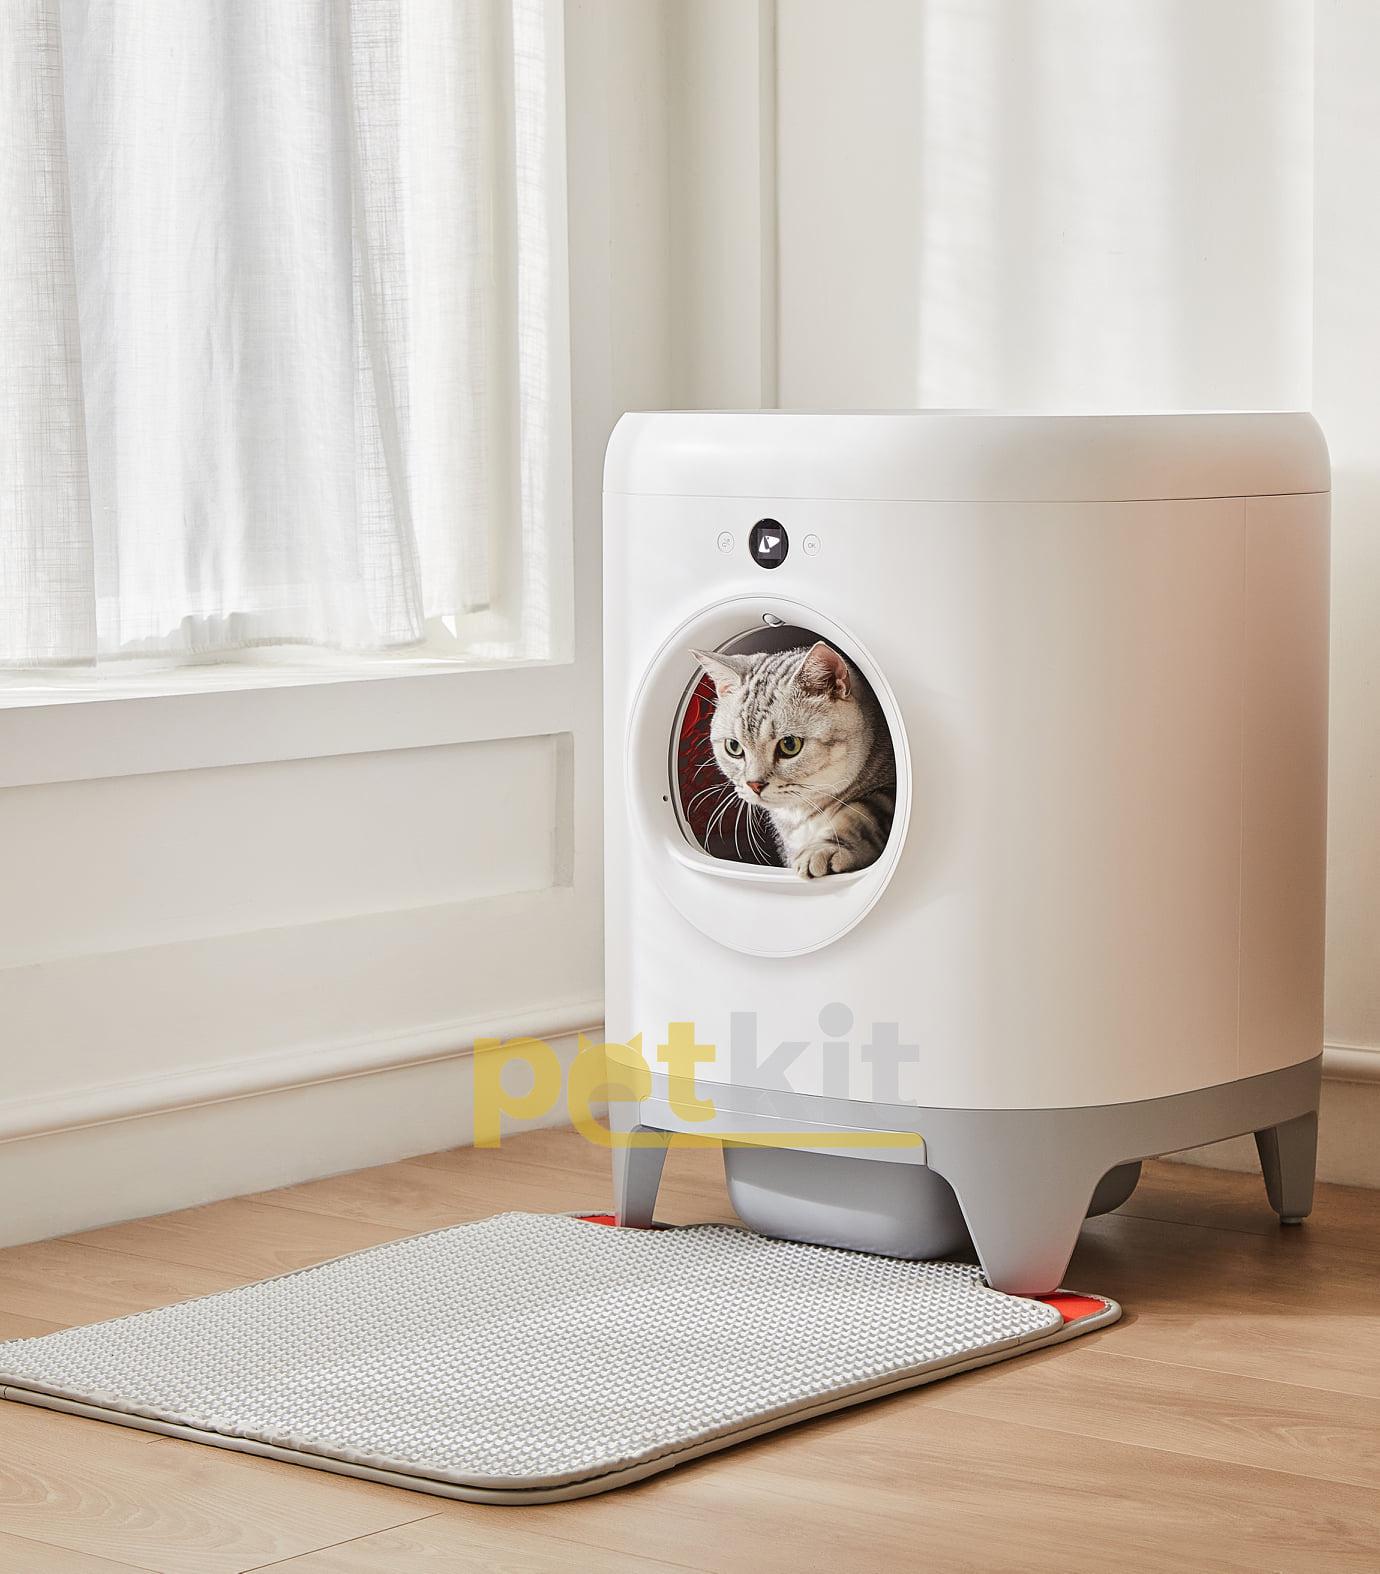 Nuôi mèo thời 4.0, sen nên sắm mấy món đồ công nghệ này để chăm boss nhàn hạ - Ảnh 7.